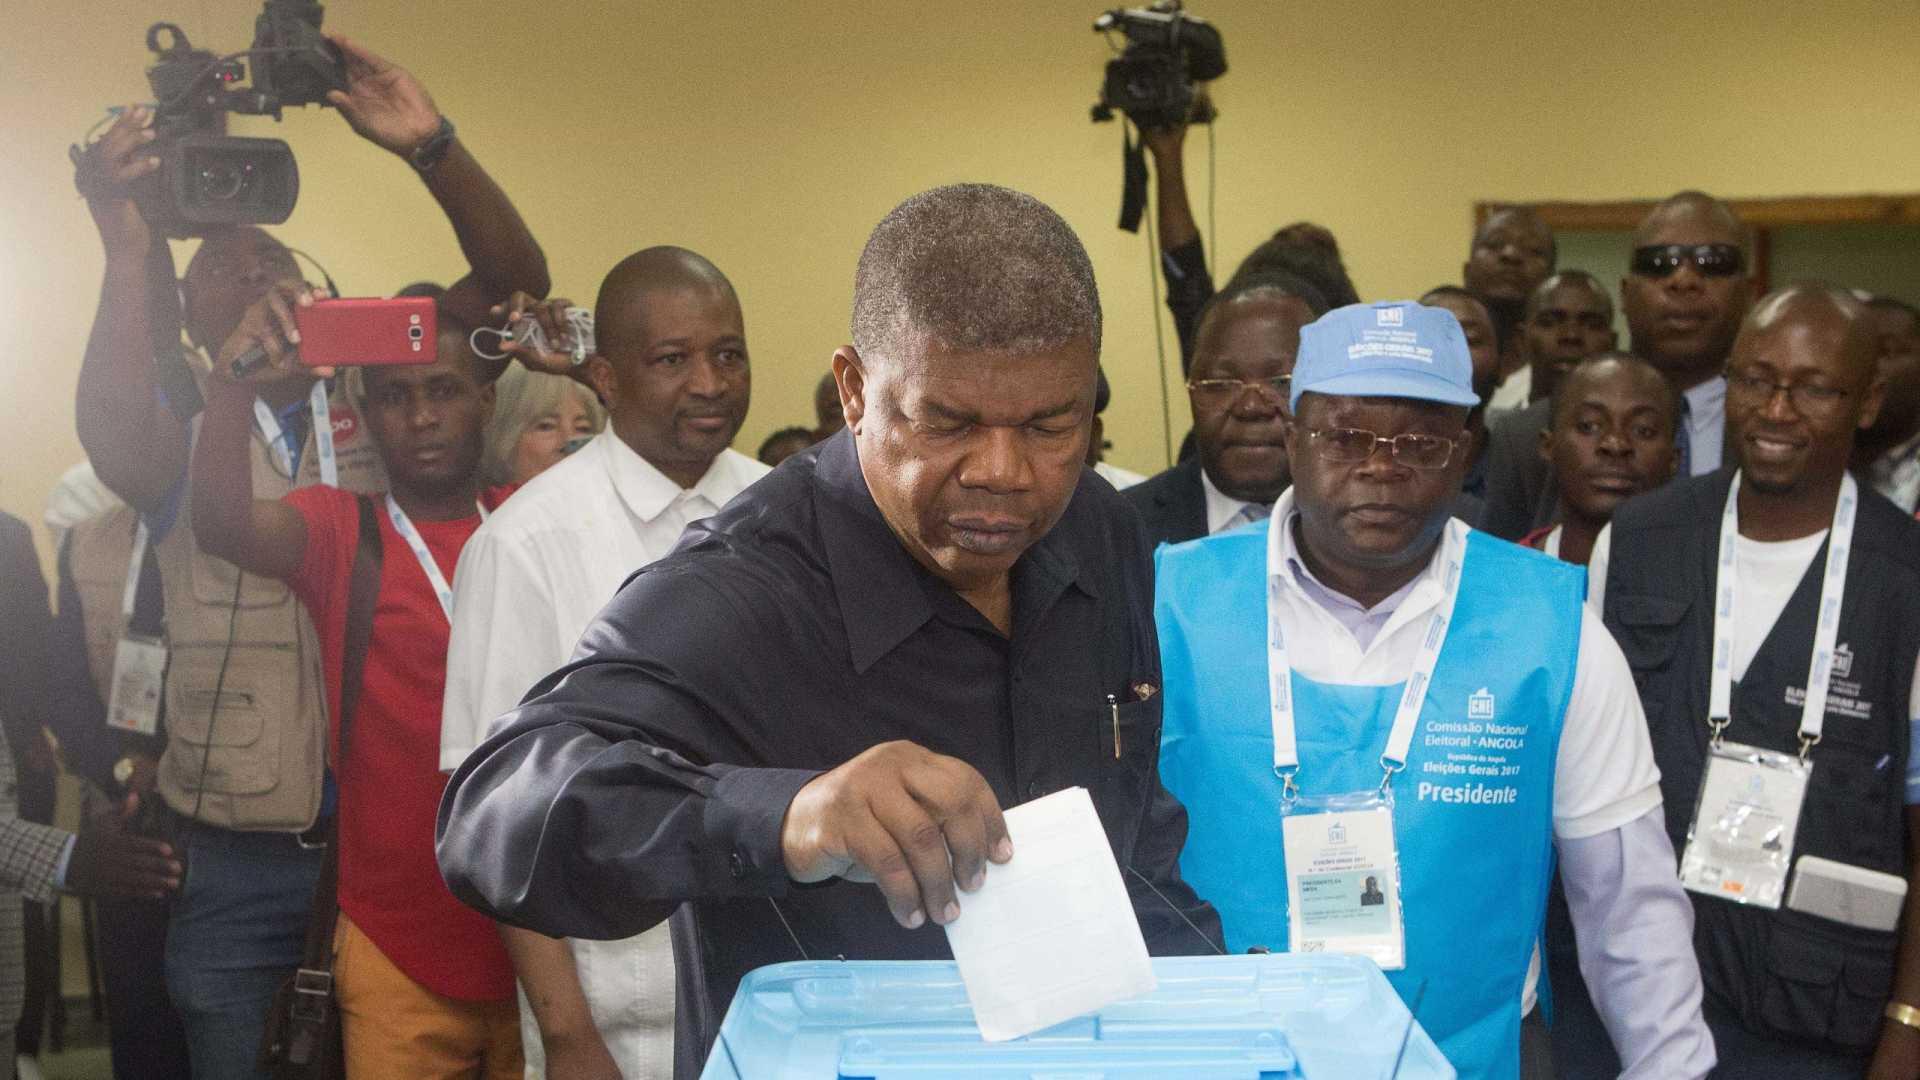 - 22836473 - Novos dados provisórios dão vitória ao MPLA com 61,70% dos votos